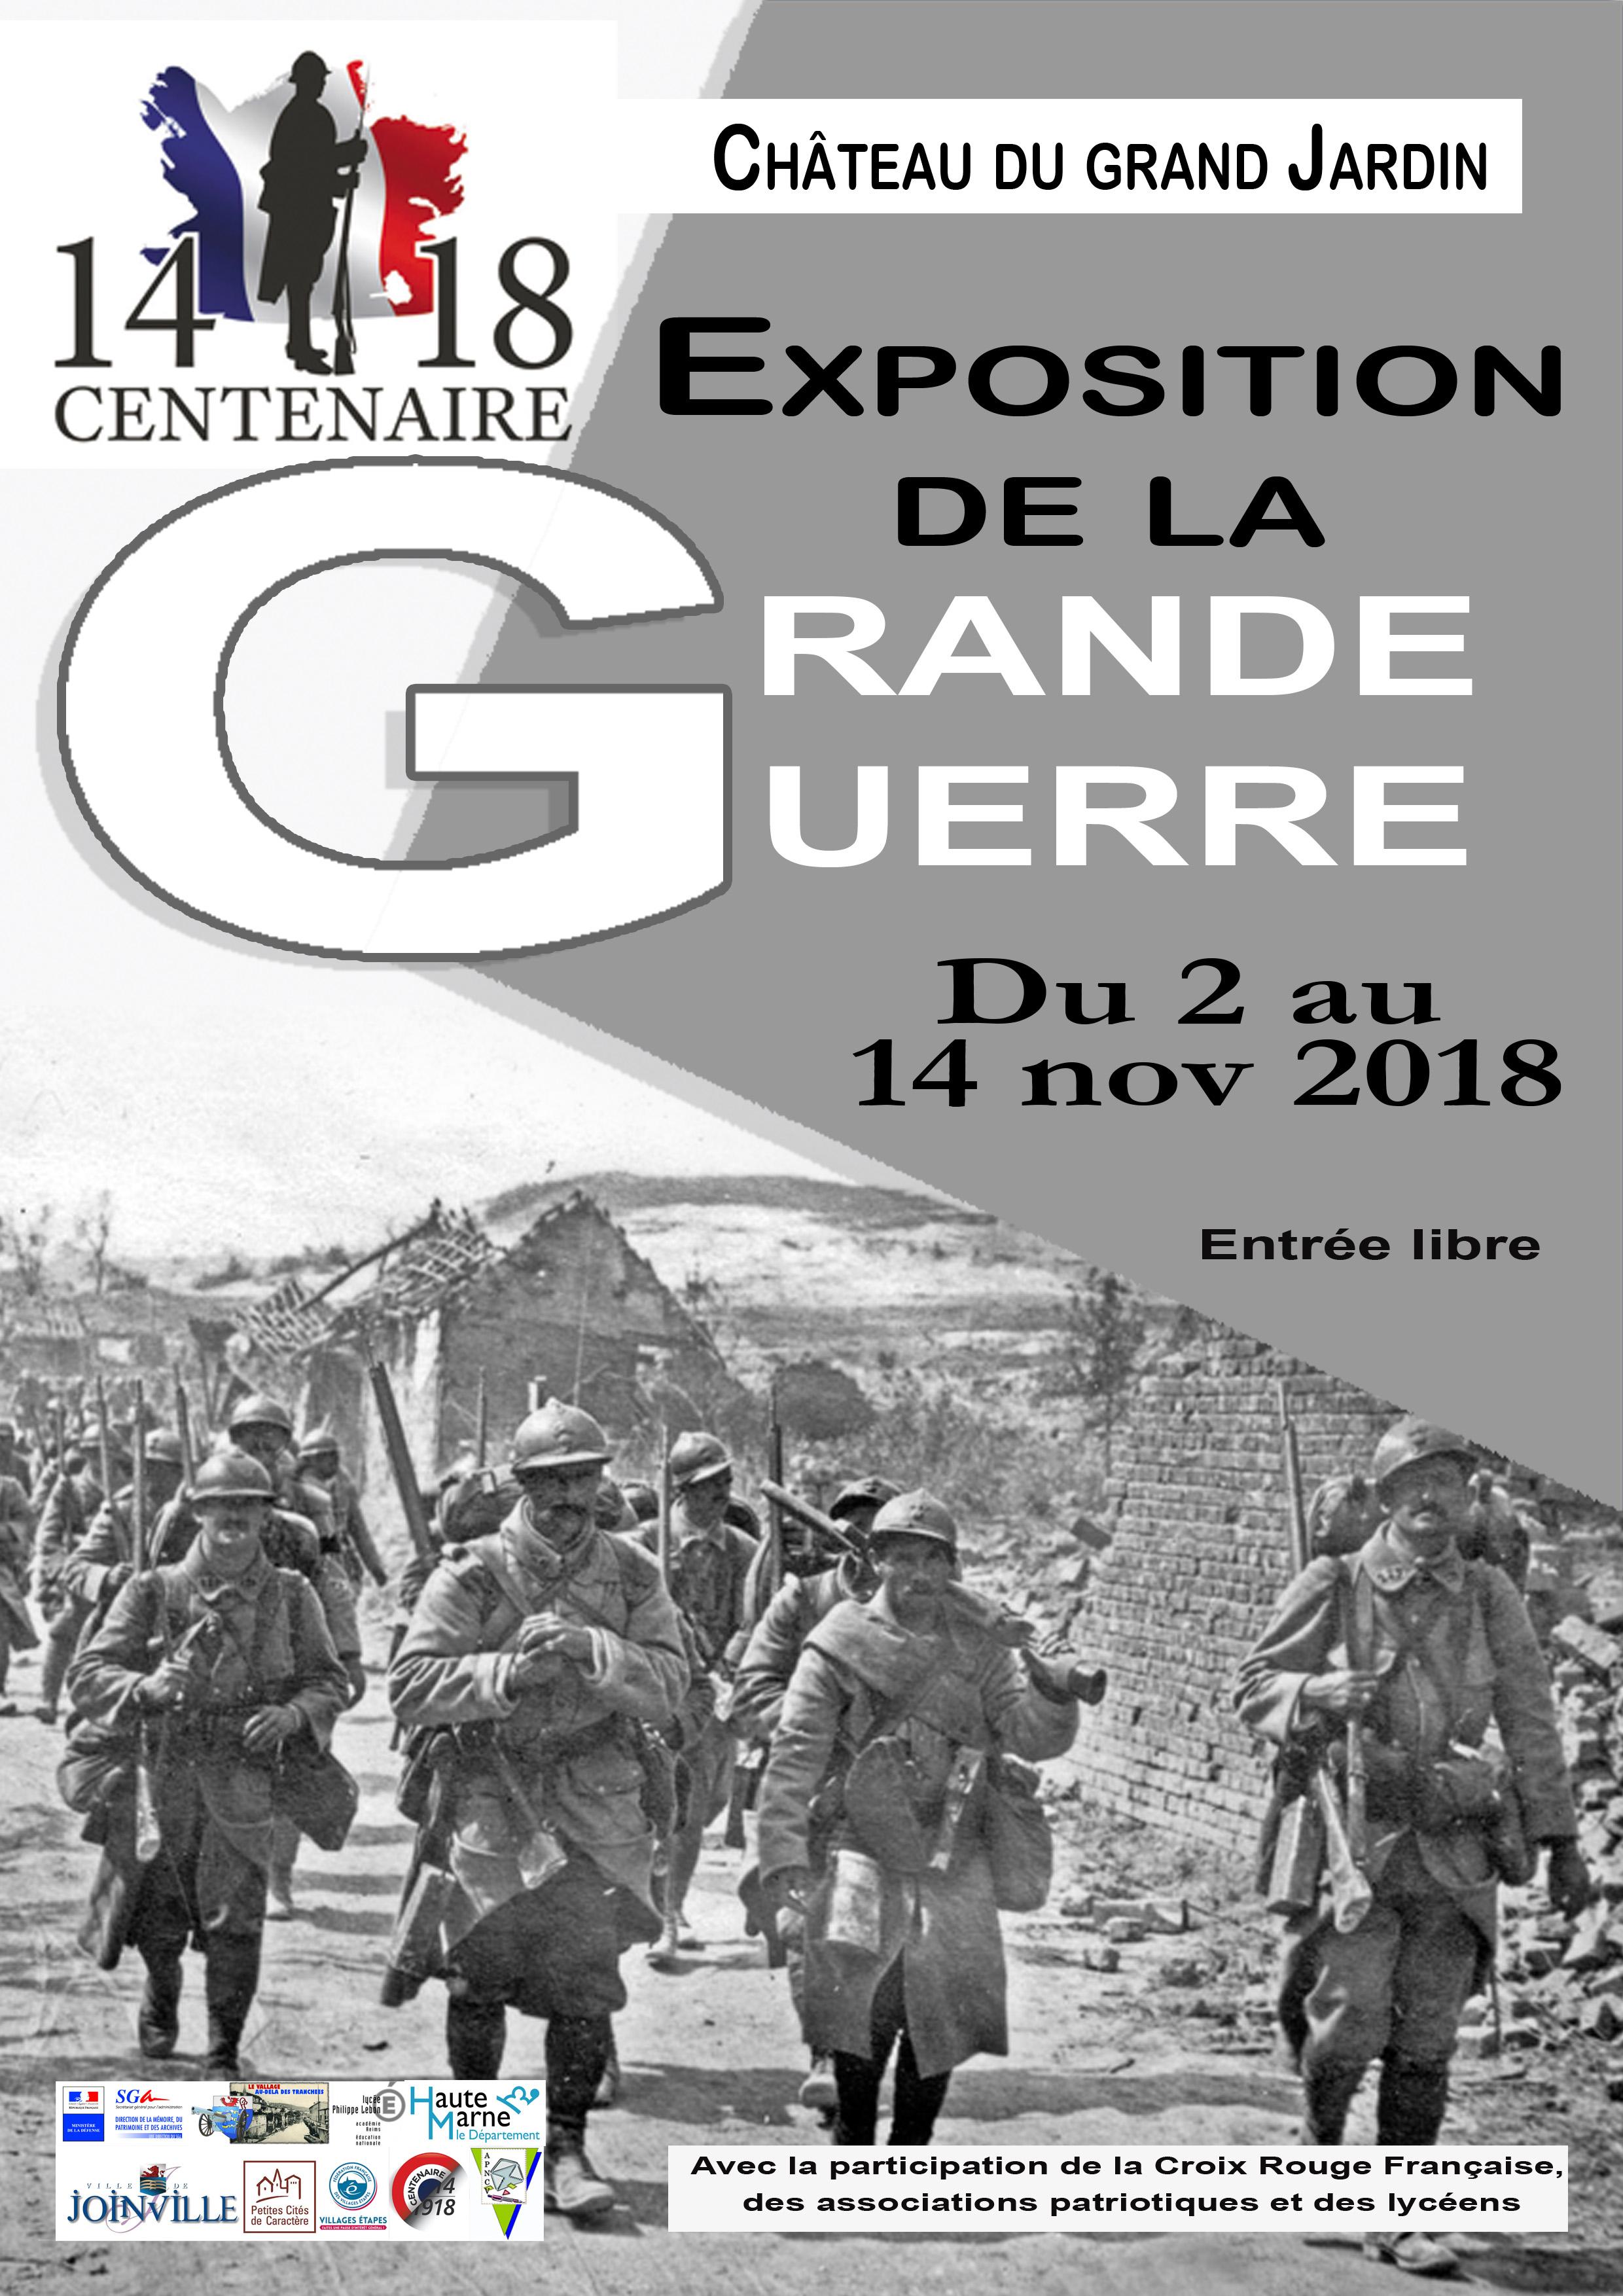 Affiche expo centenaire